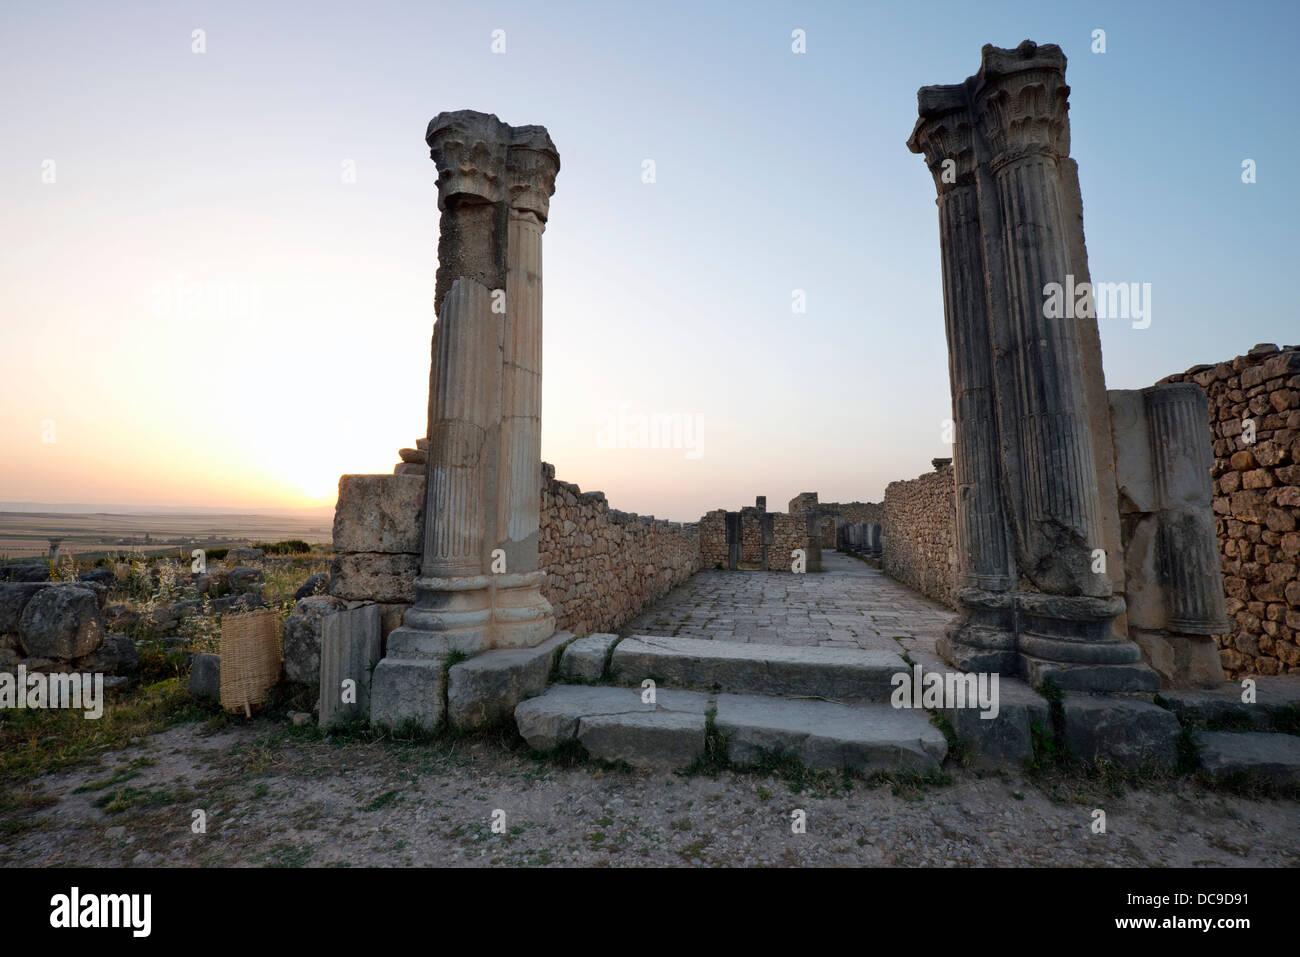 Le antiche rovine romane al tramonto al parzialmente scavato la città romana di Volubilis vicino a Meknes, Immagini Stock